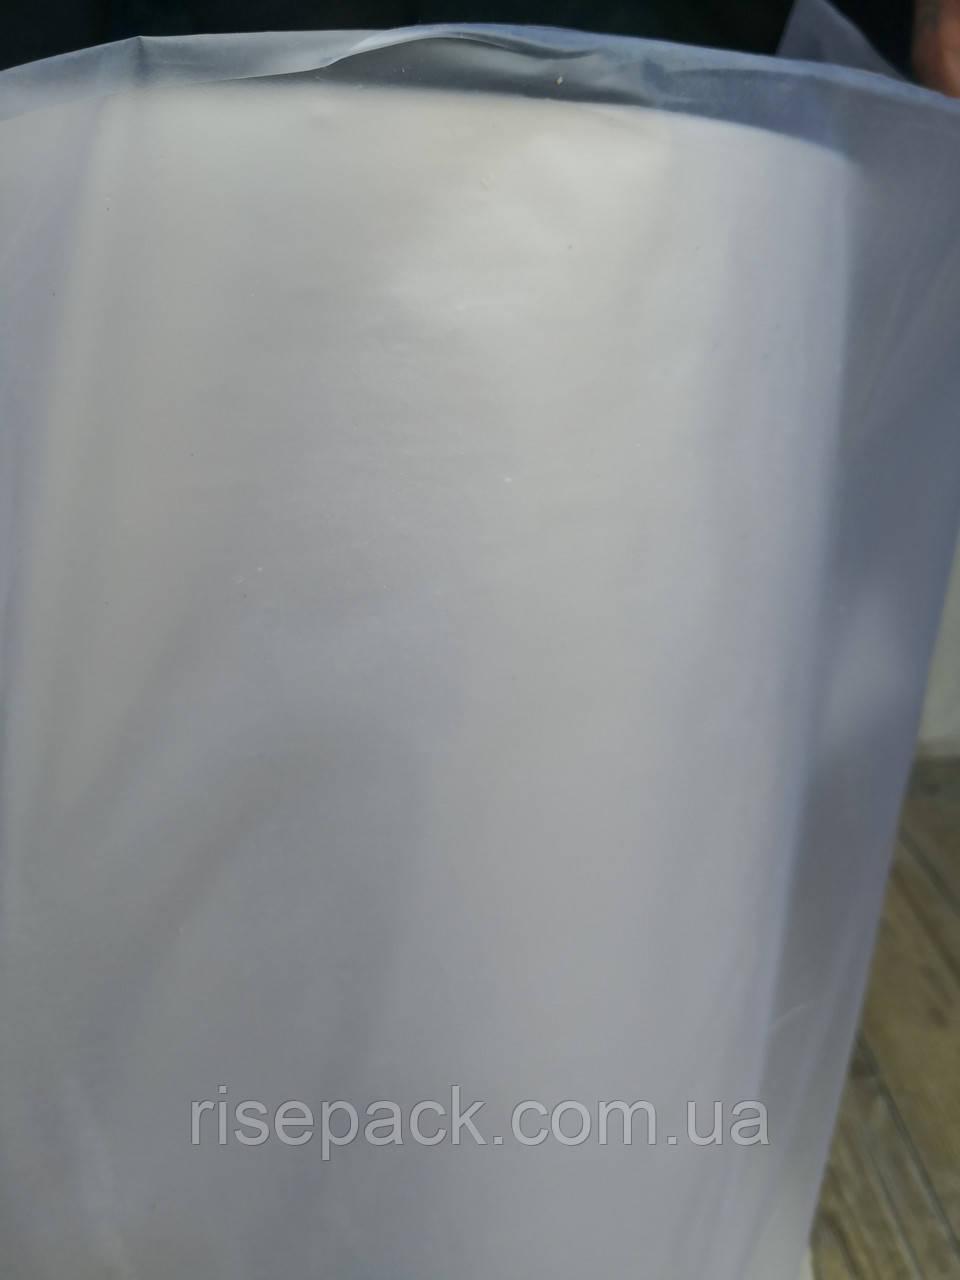 Пленка термоусадочная полиэтиленовая первичка 550мм*80мкм